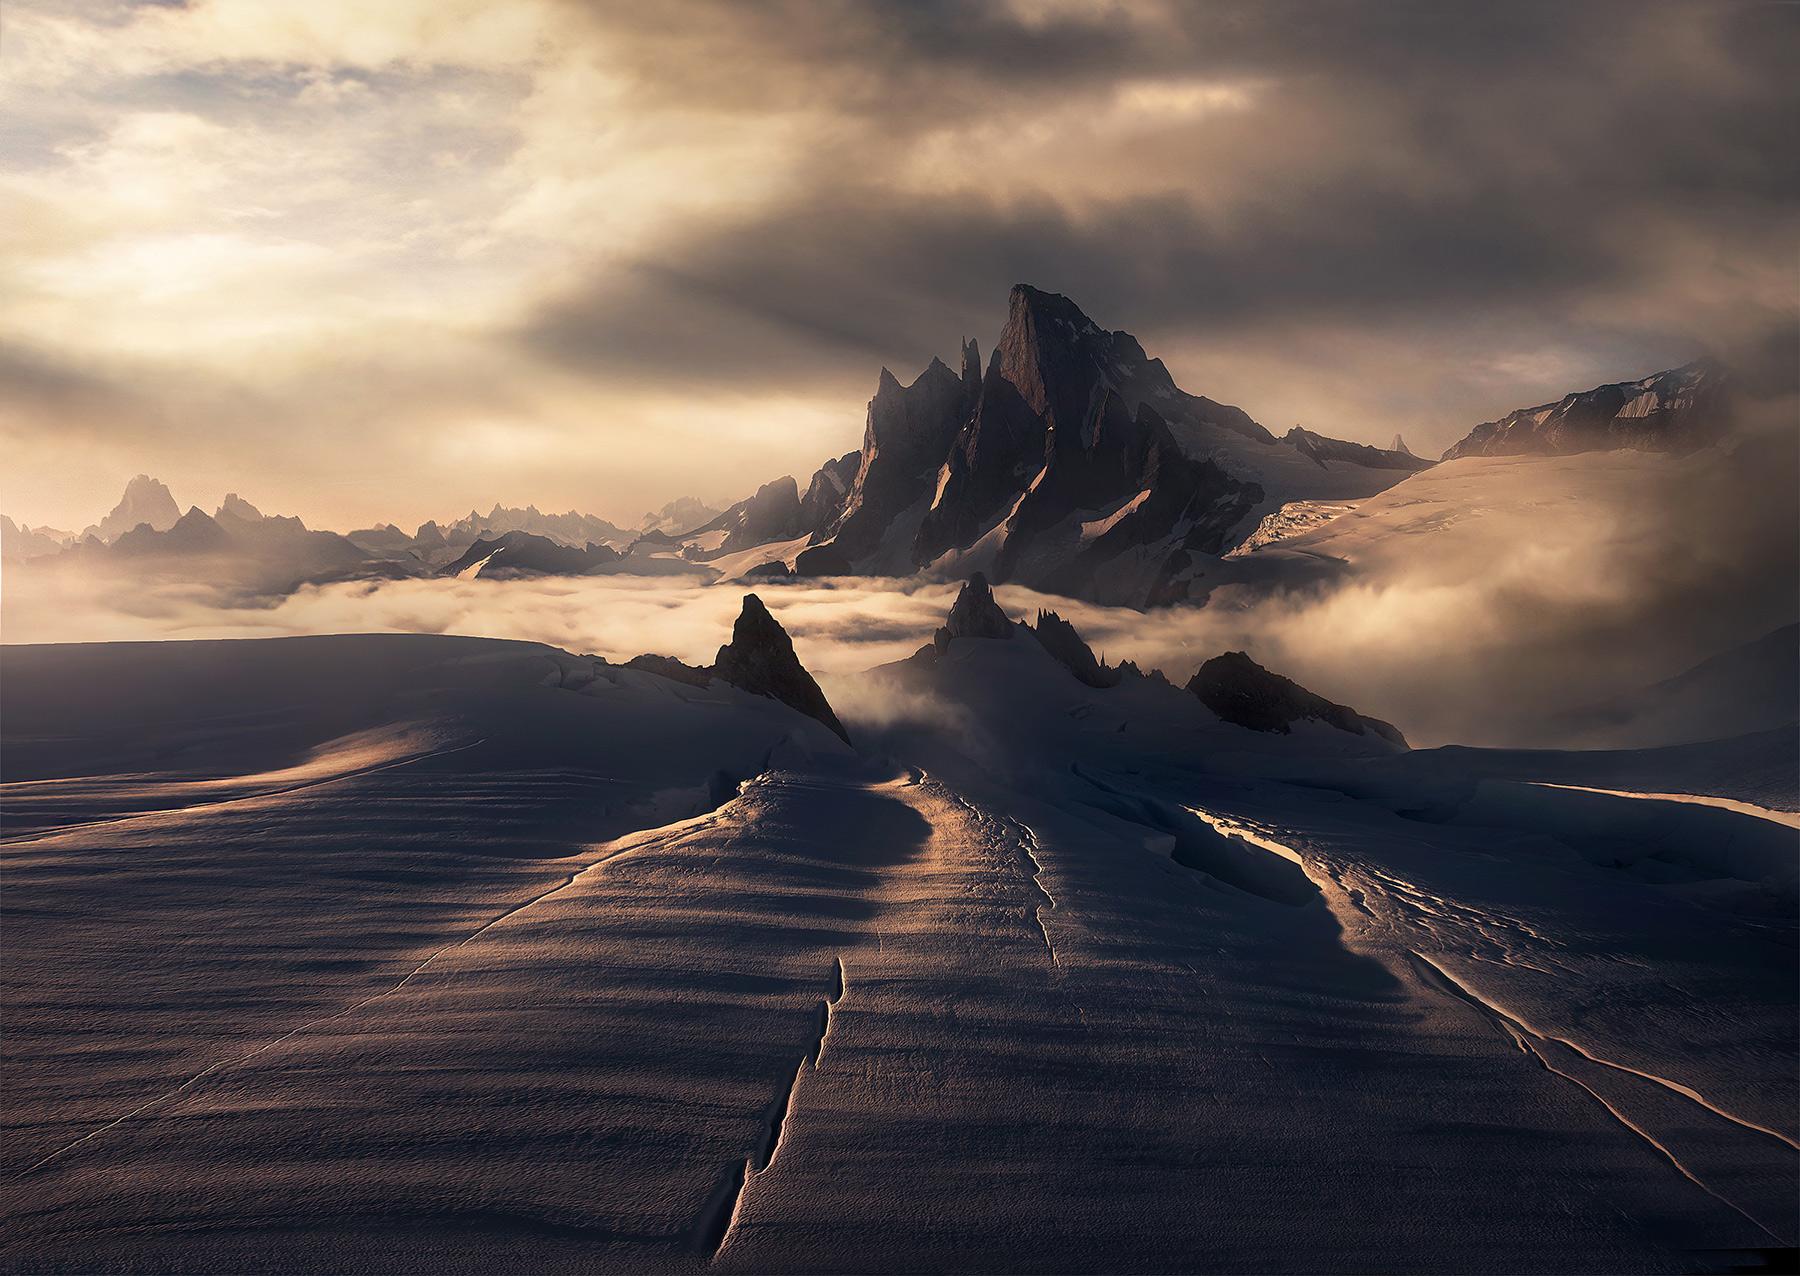 Devils thumb, Alaska, petersburg, glacier, crevasses, mountains, peak,  sunset, photo